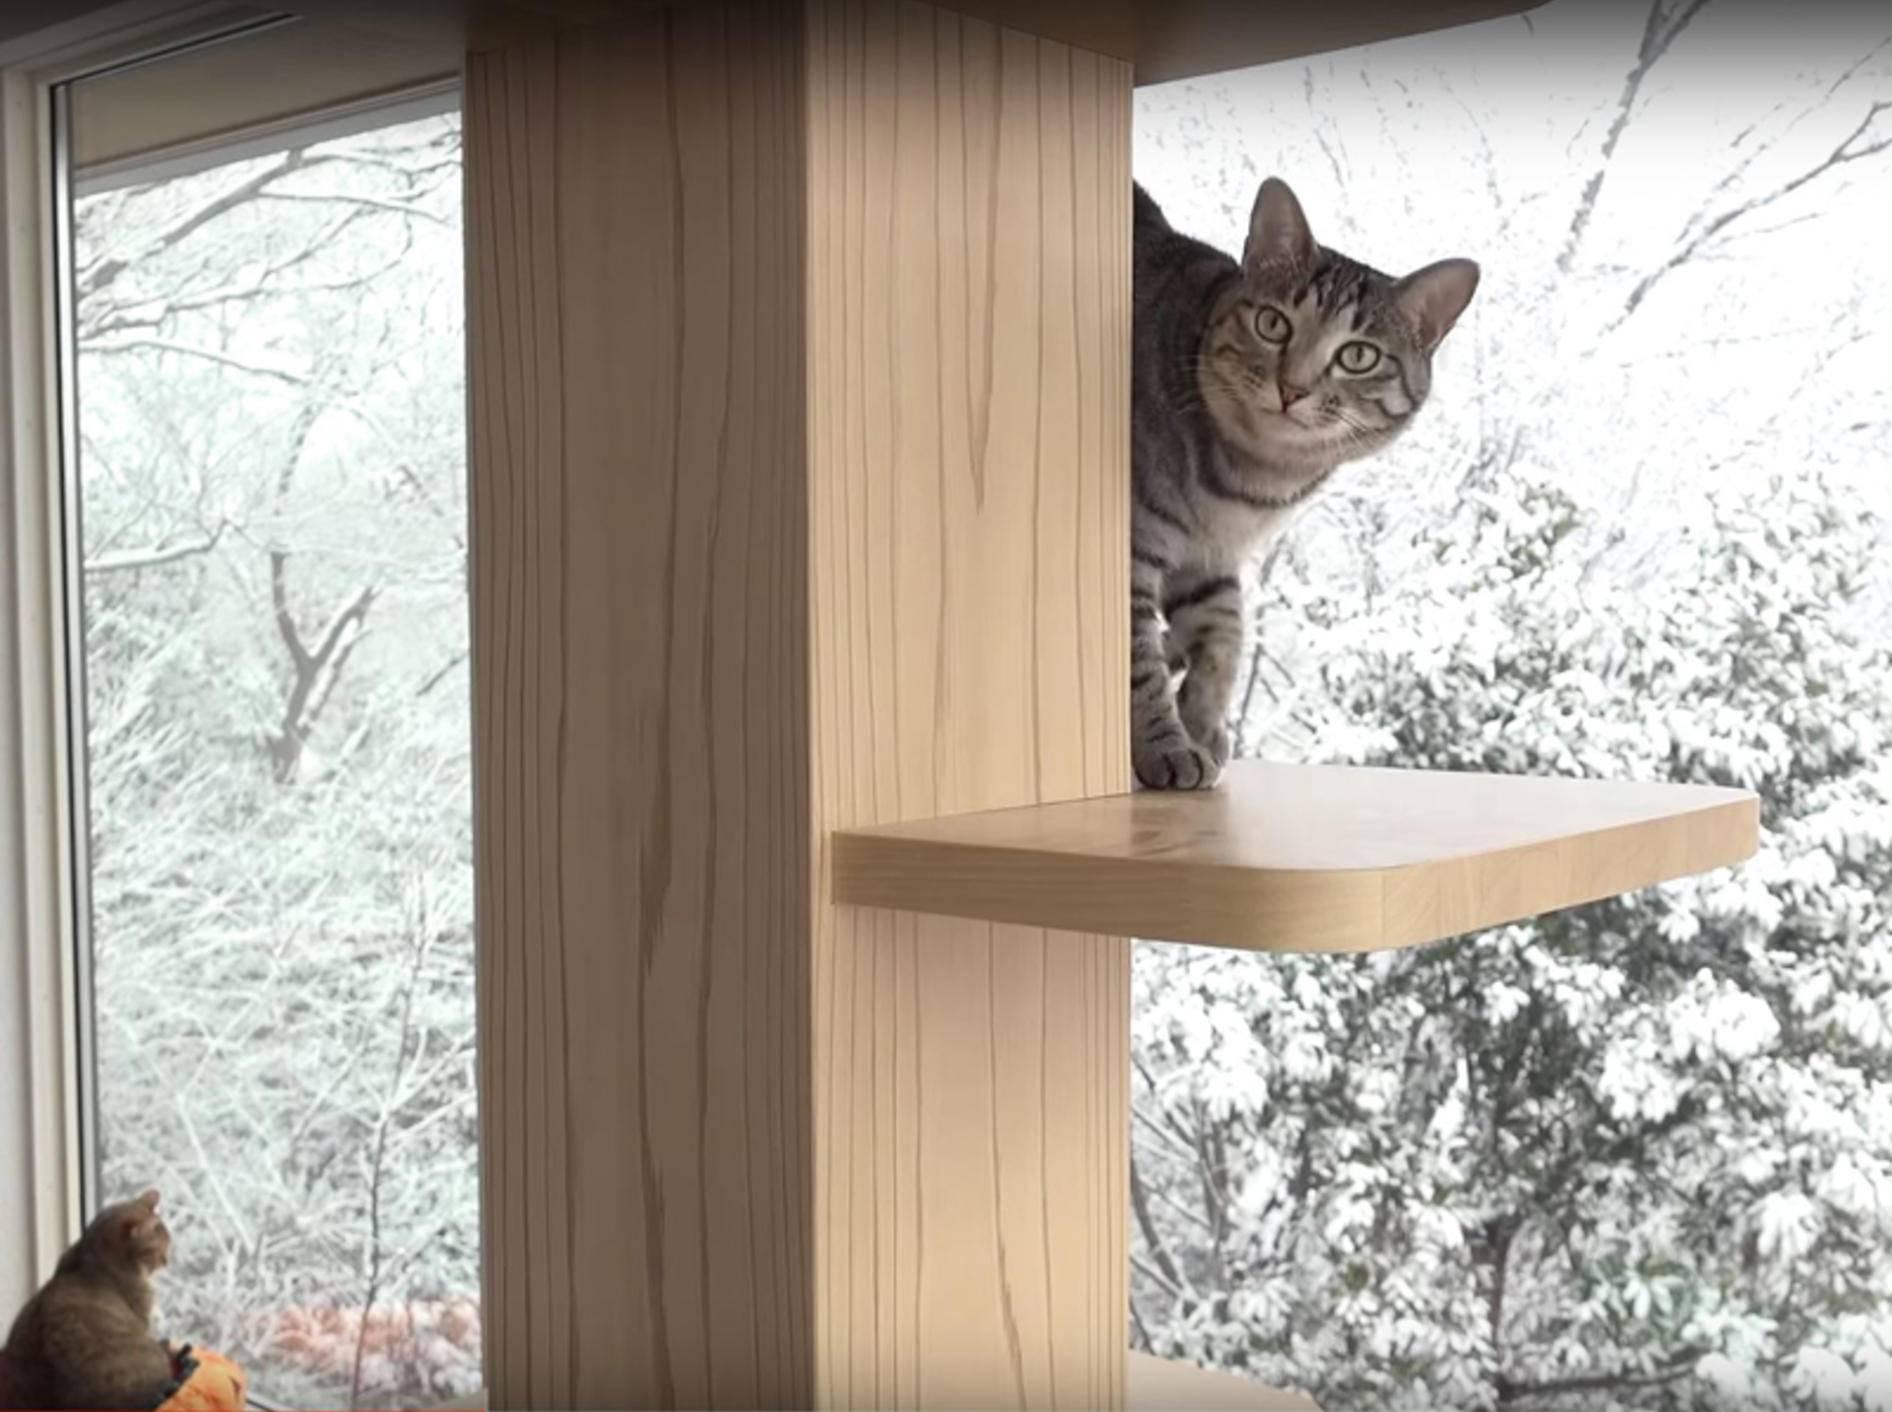 Schöne Aussichten für japanische Katzen-WG – YouTube / 10 Cats.+